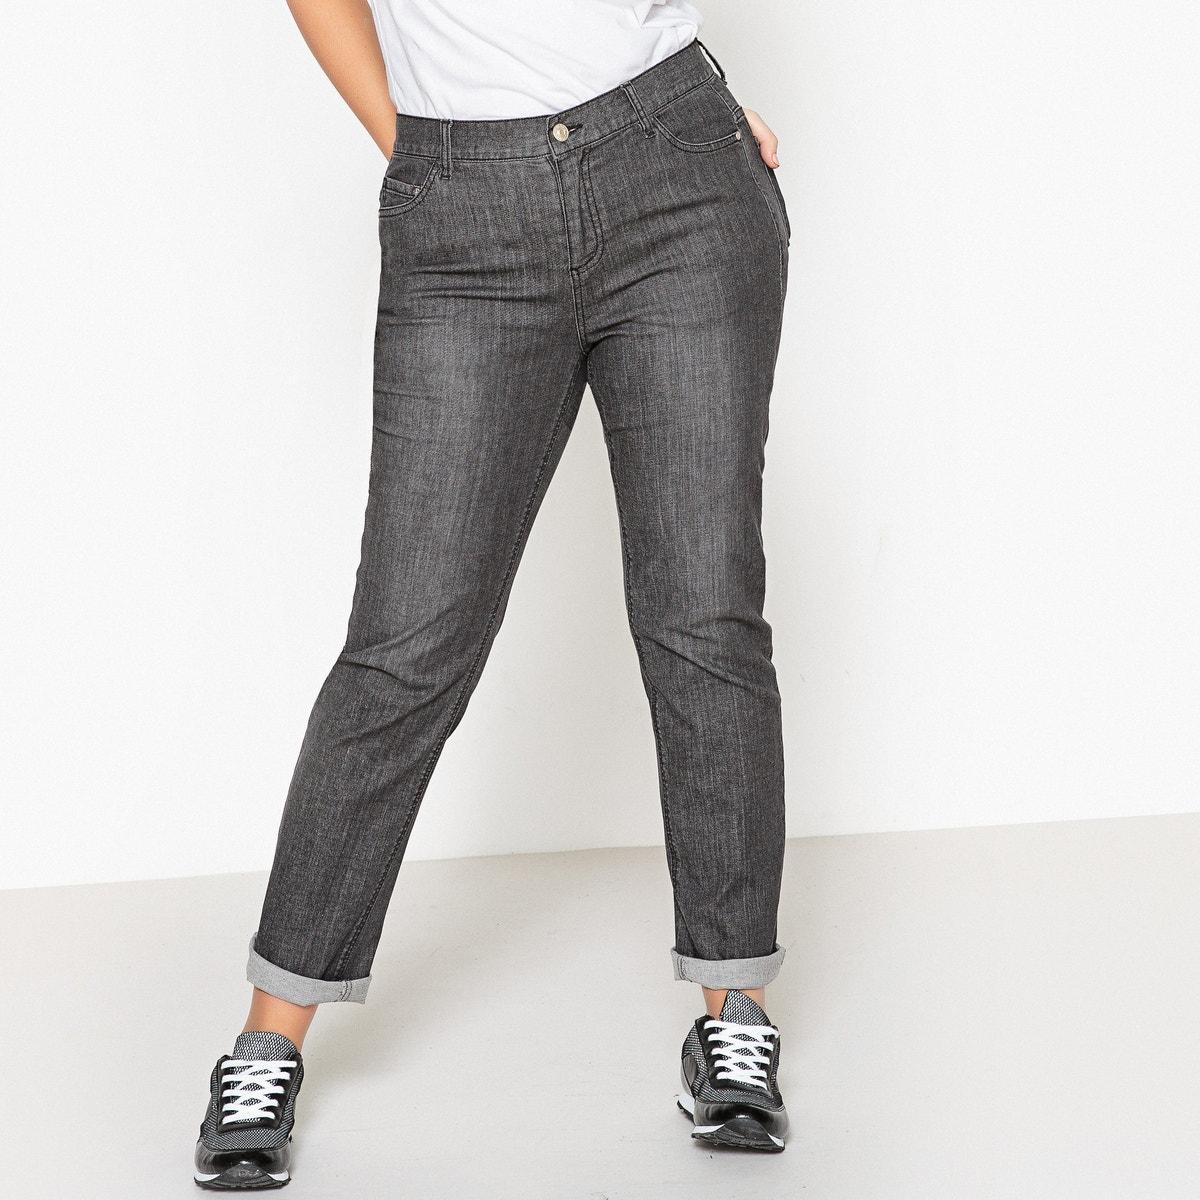 Castaluna kvinnor Curvy Fit Straight Stretch Jeans, Längd 31